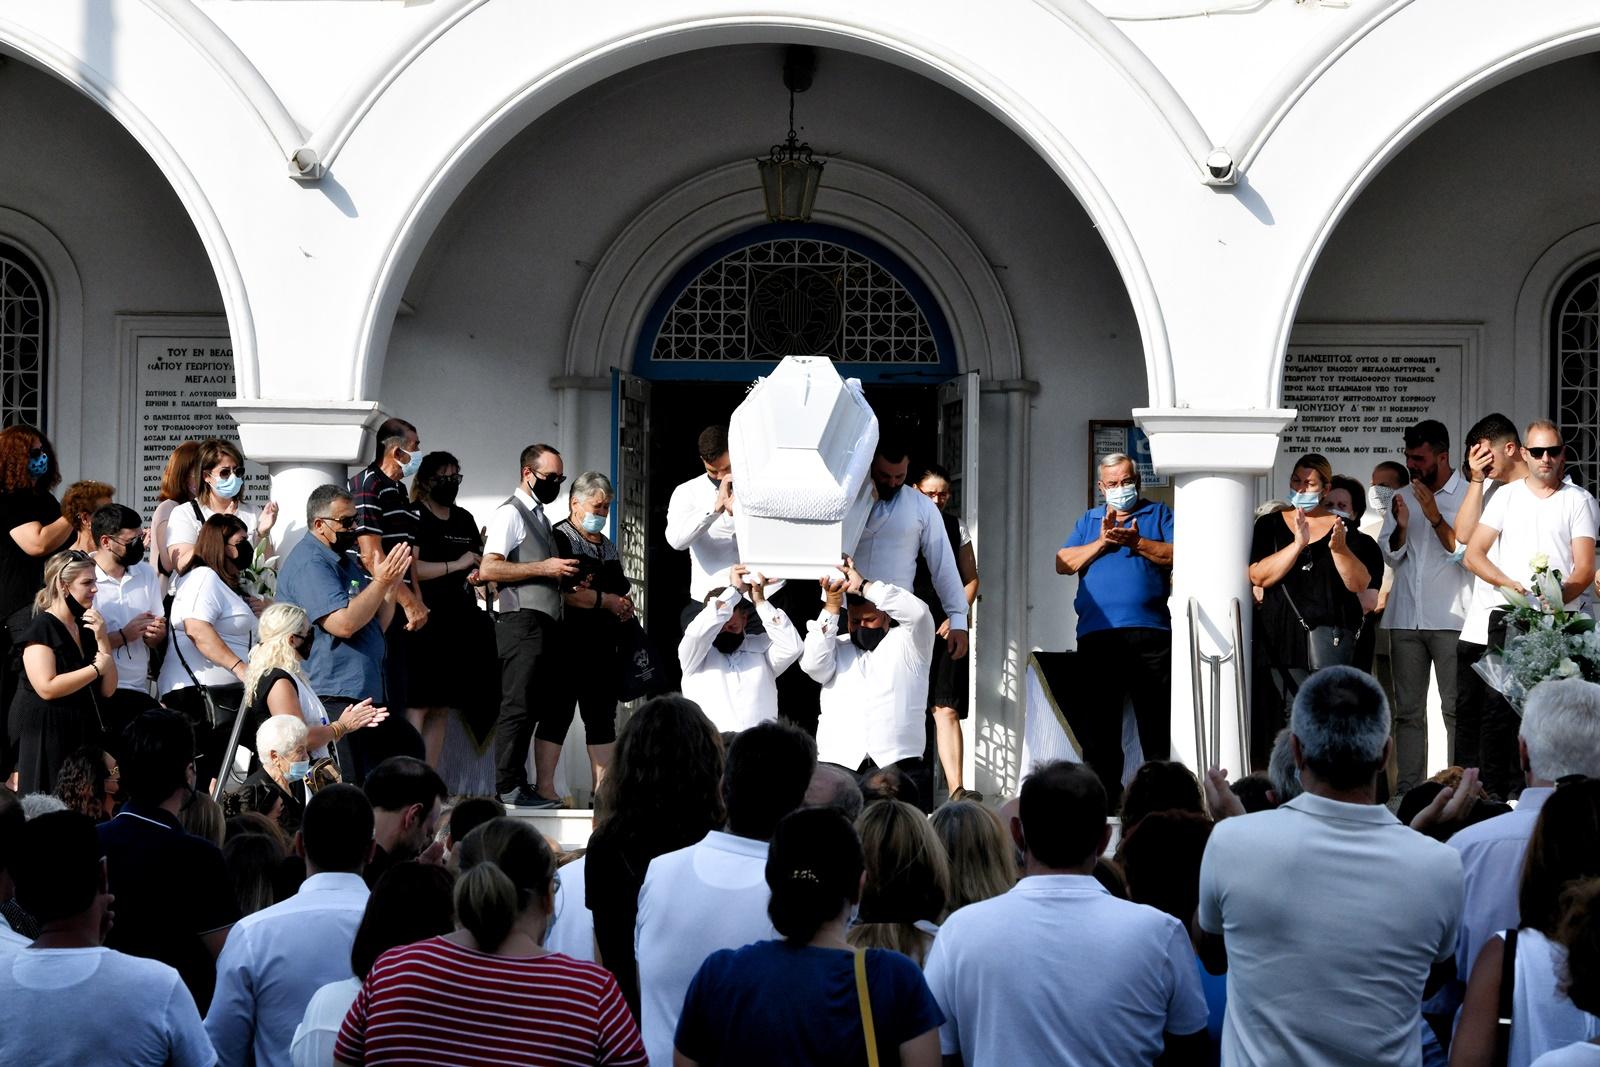 Έγκλημα στη Φολέγανδρο: σε βαρύ κλίμα η κηδεία της άτυχης Γαρυφαλλιάς Ψαράκου - Συγκλονίζει το γράμμα του θείου της